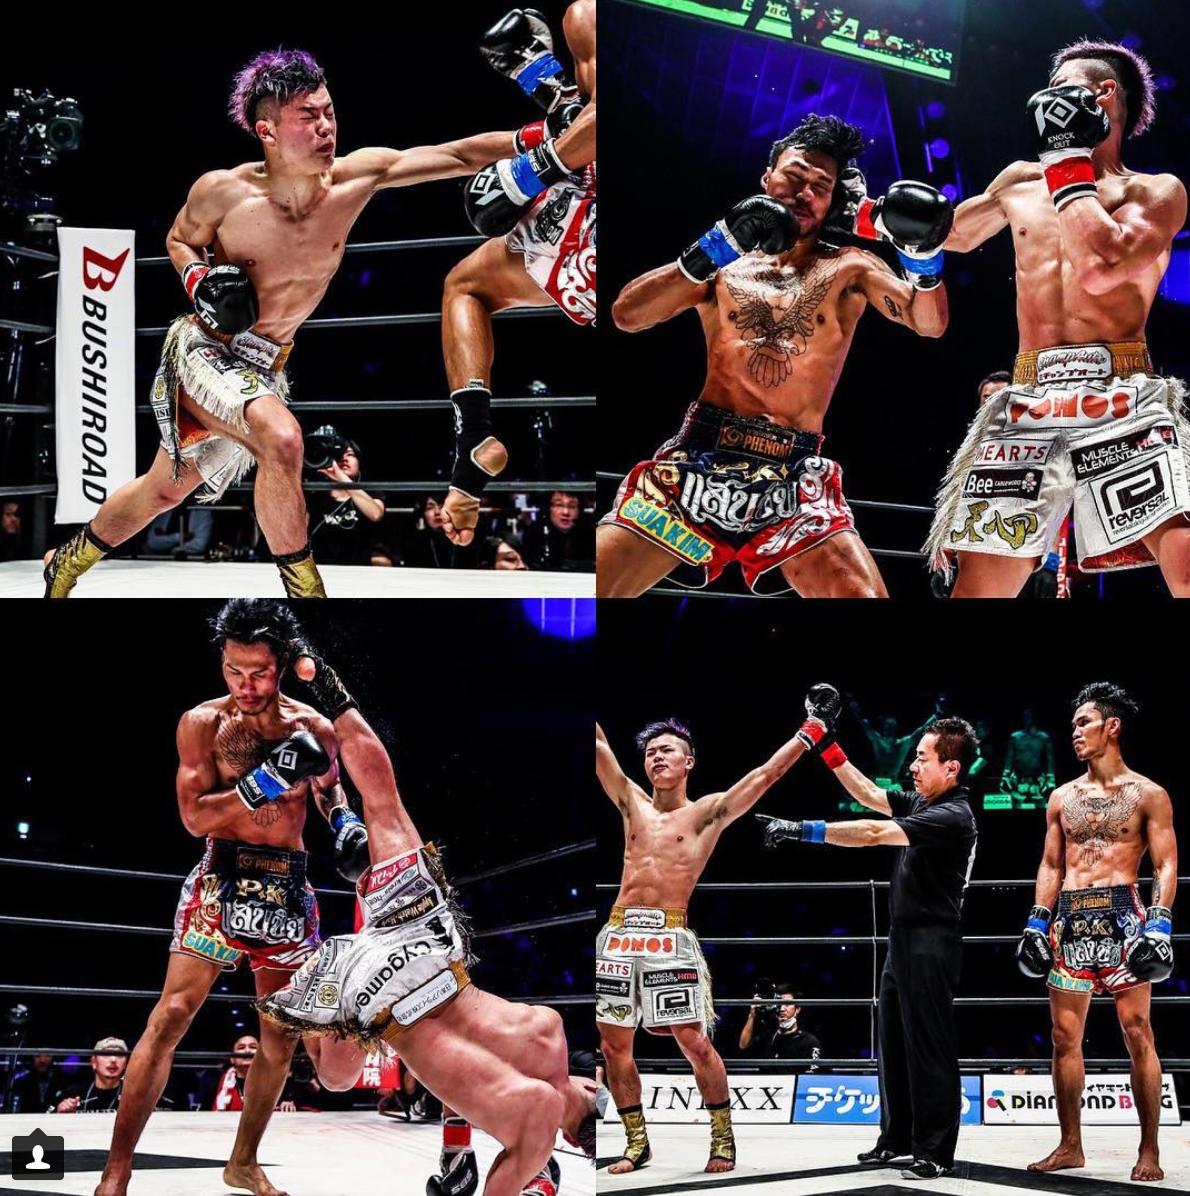 日本のキックボクシング大会・興行団体まとめ!ムエタイもキックも国内で!